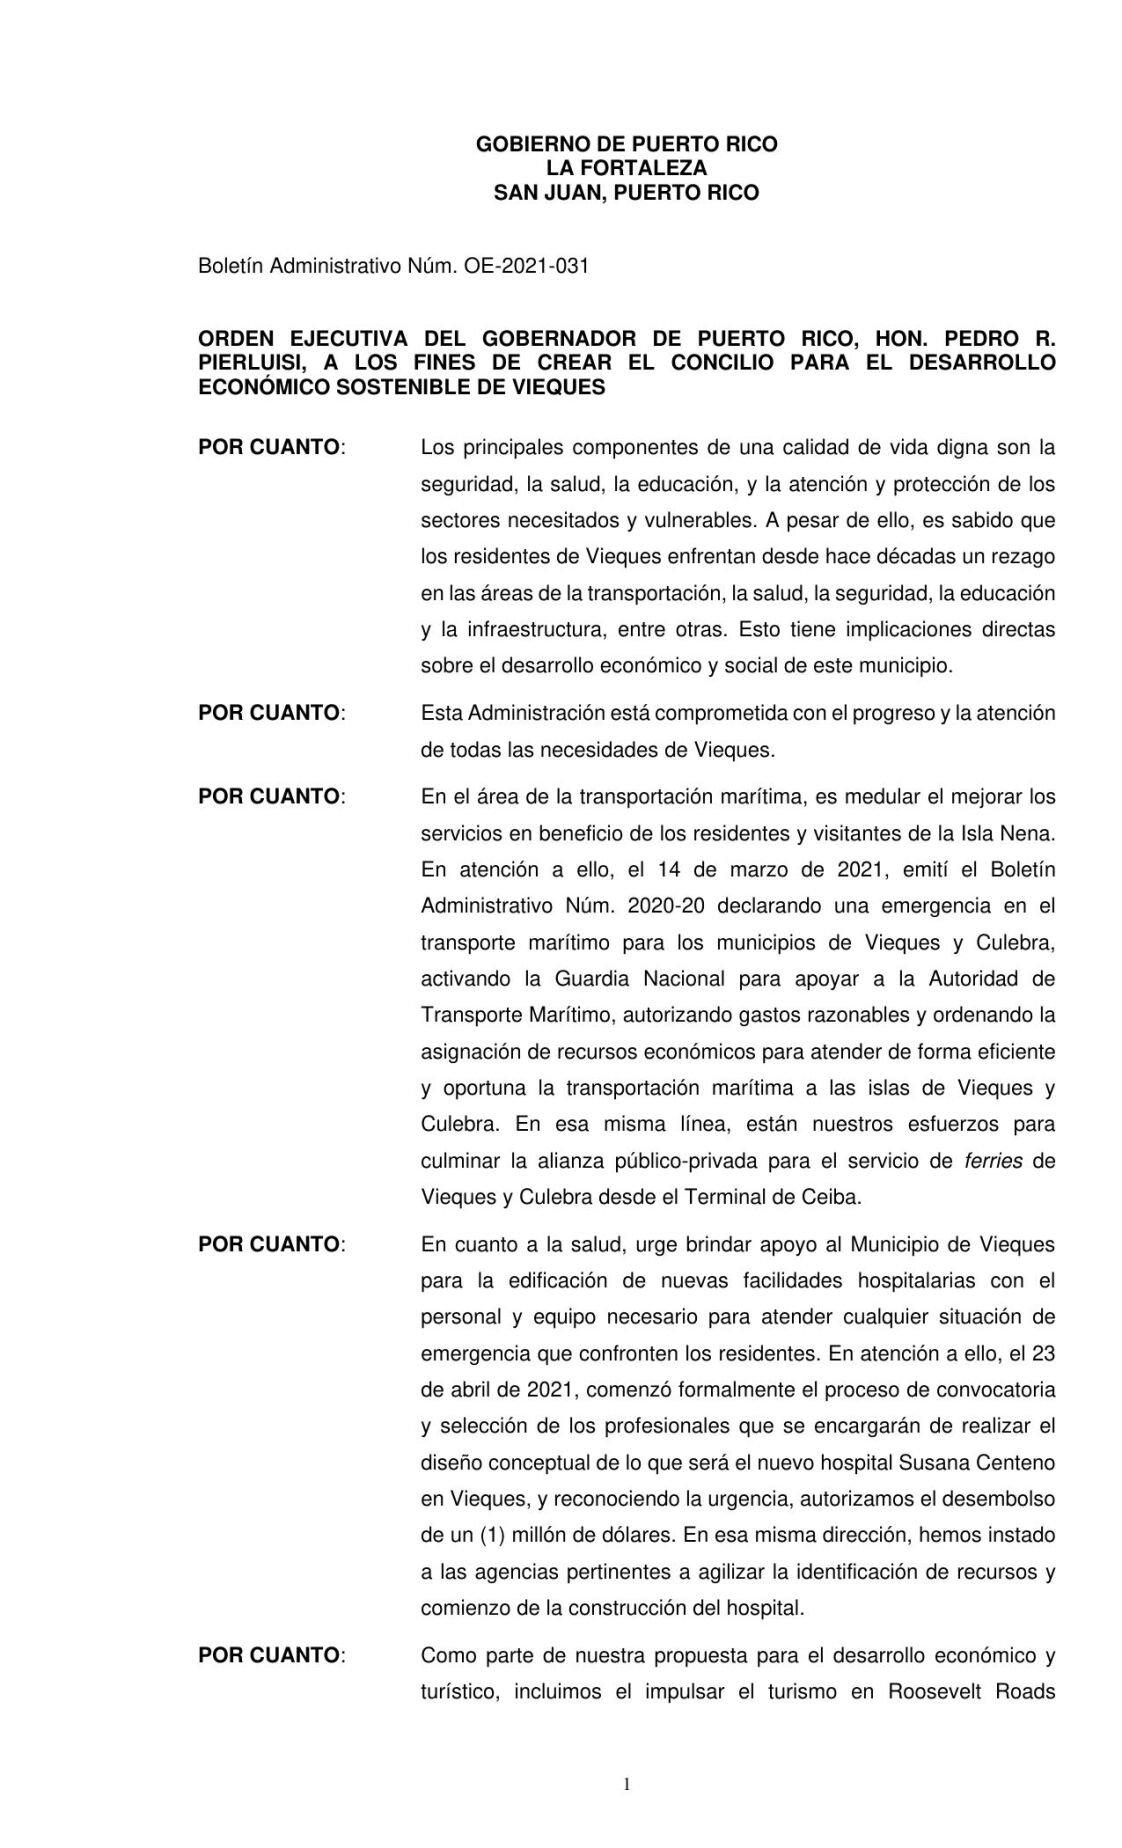 Concilio de Vieques